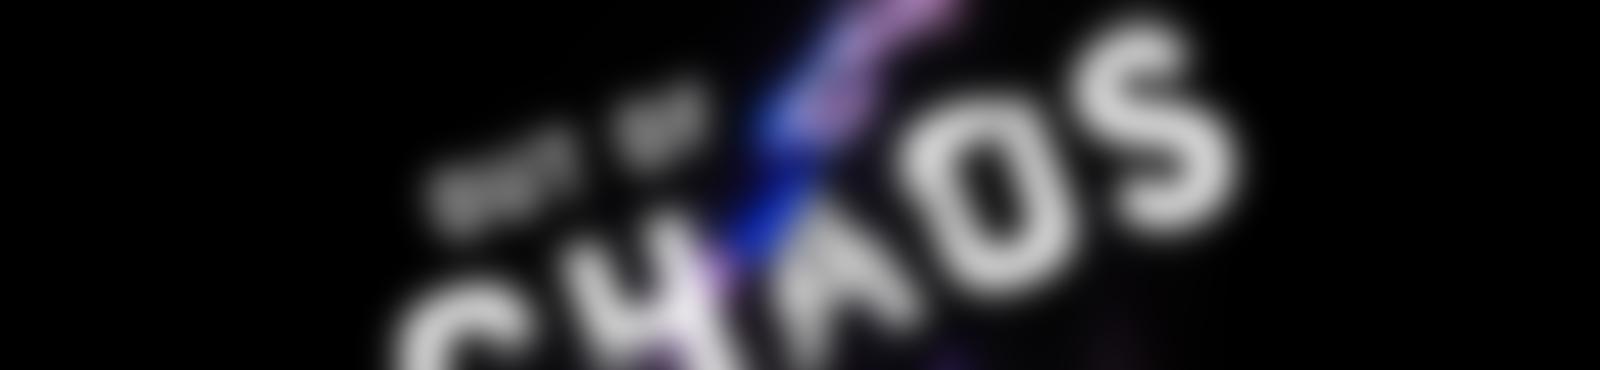 Blurred 069be7e9 4ae0 49ea b321 9a45cfb70a6f